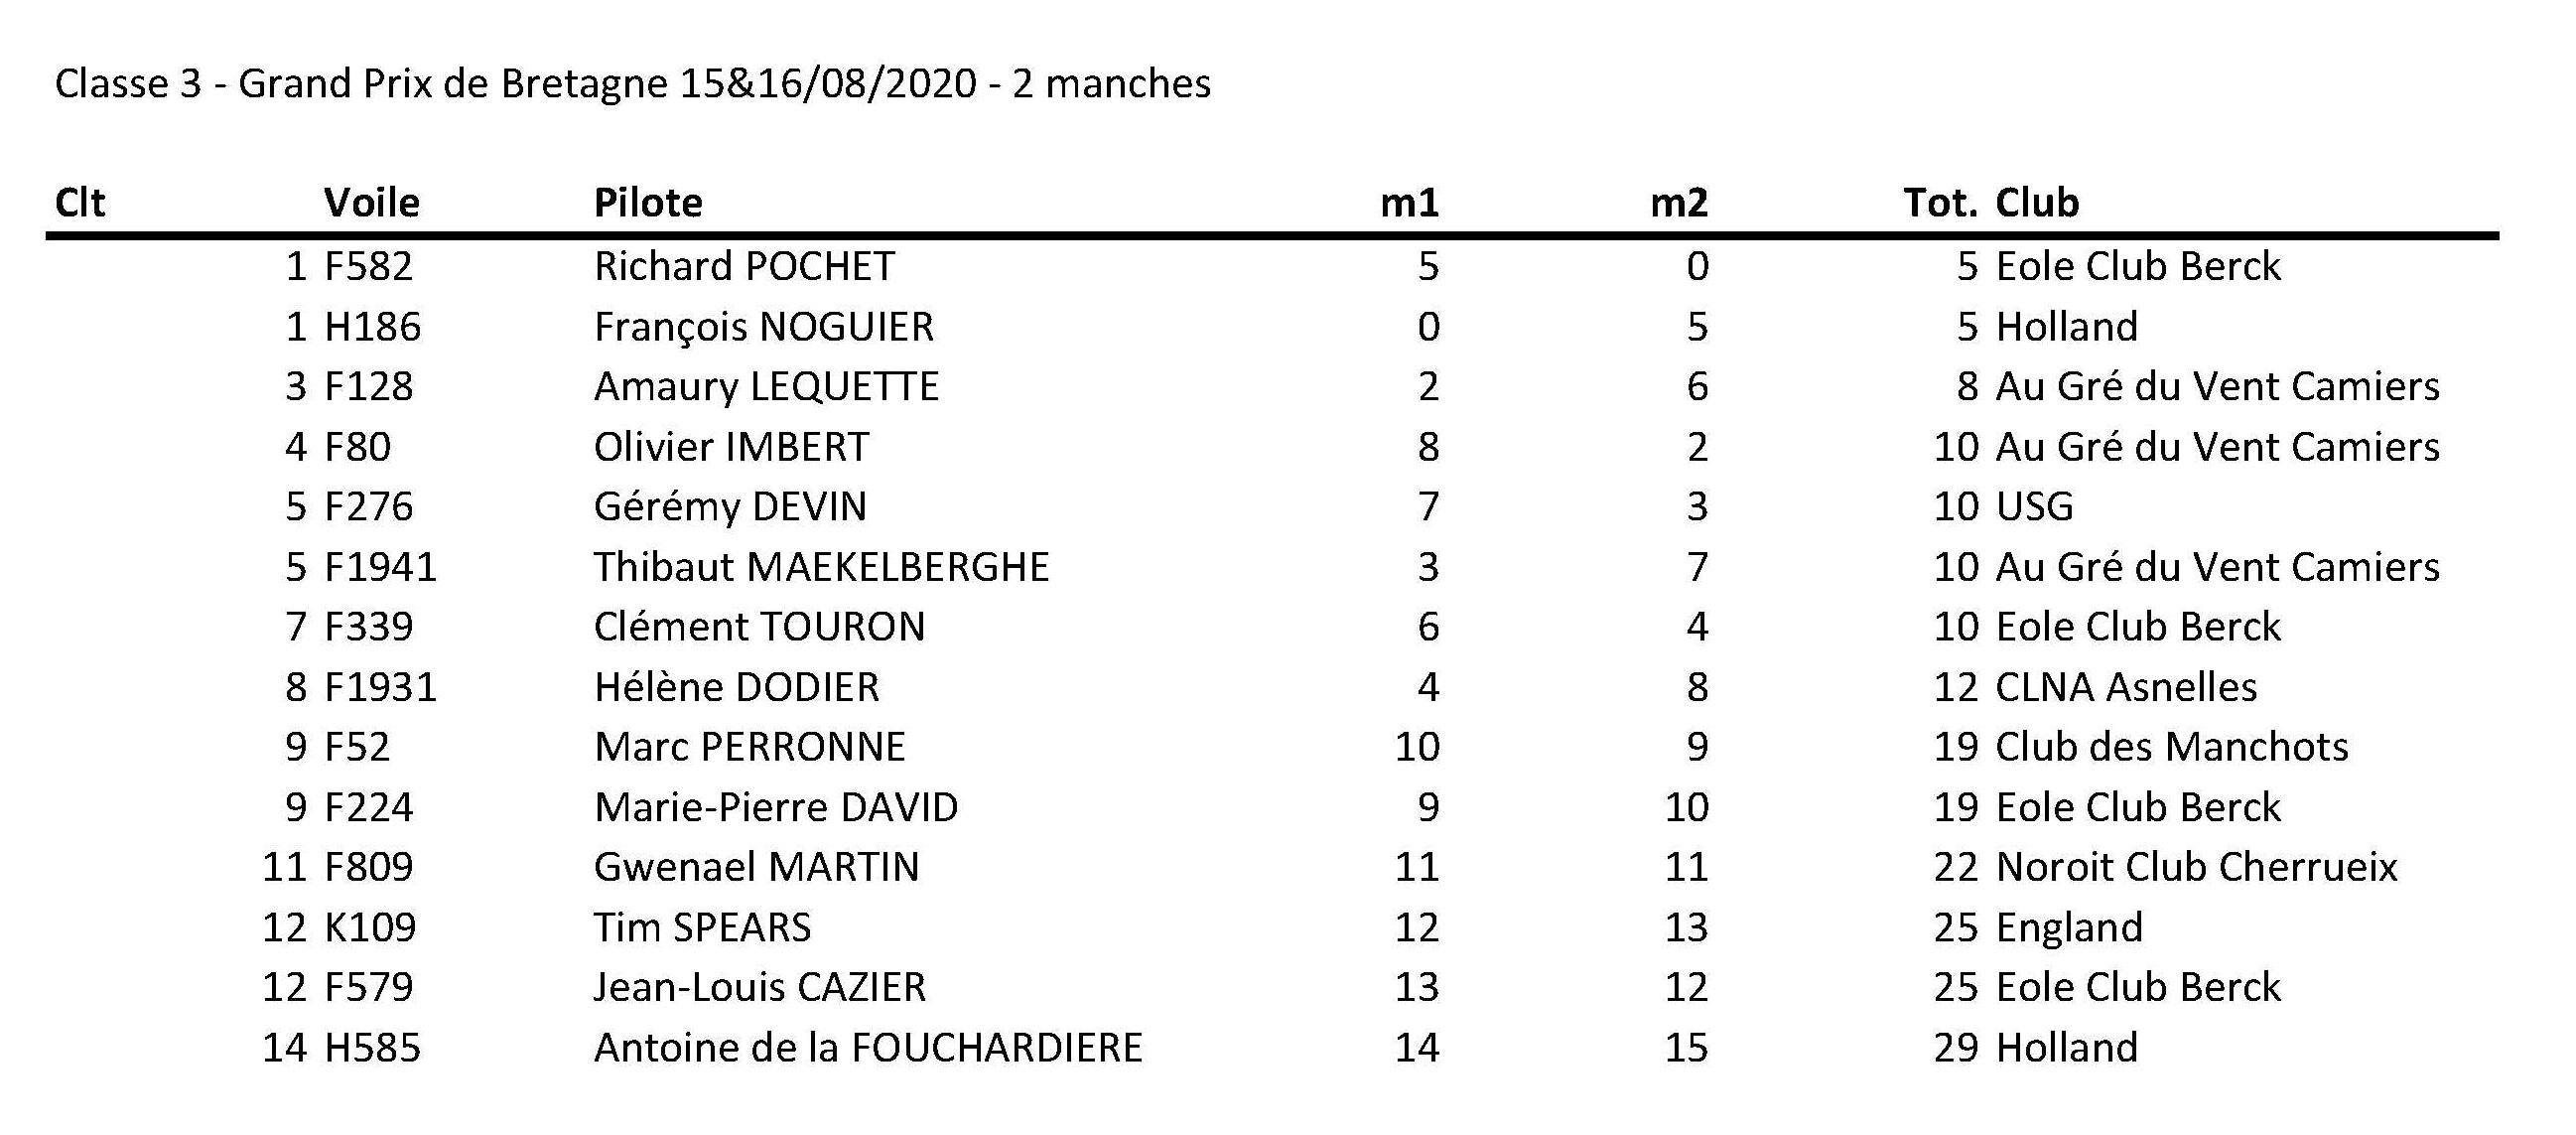 Resultats Gp De Bretagne